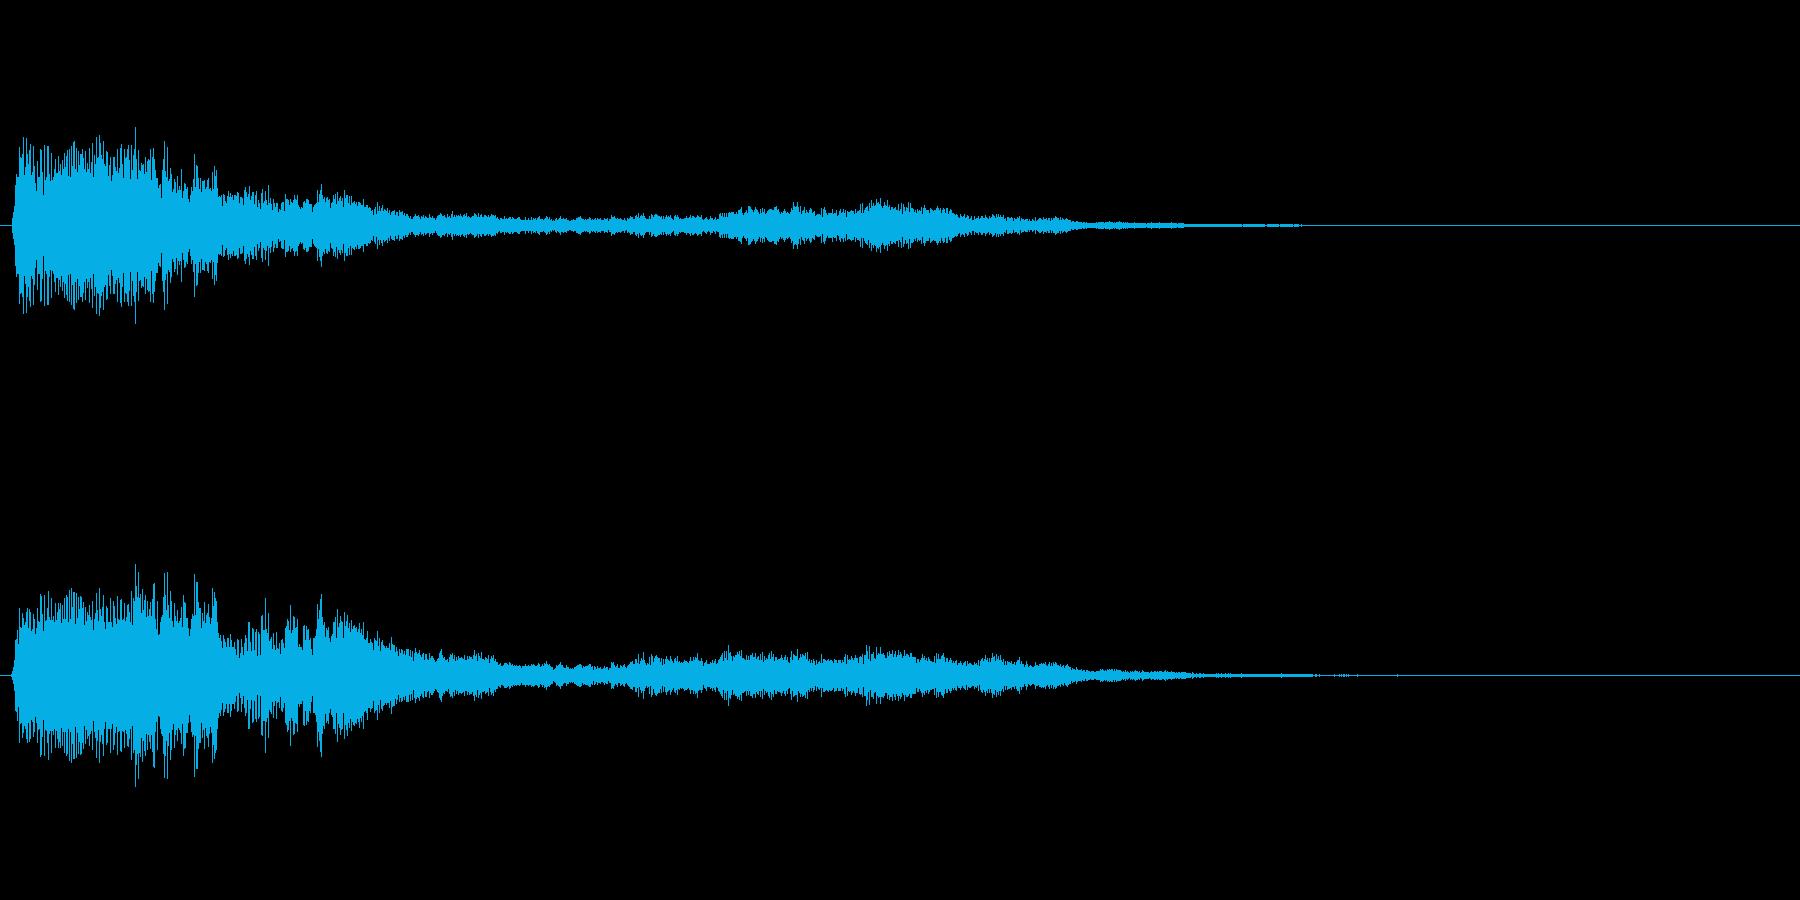 不気味な効果音【ひょおおお/ひゅーん】の再生済みの波形